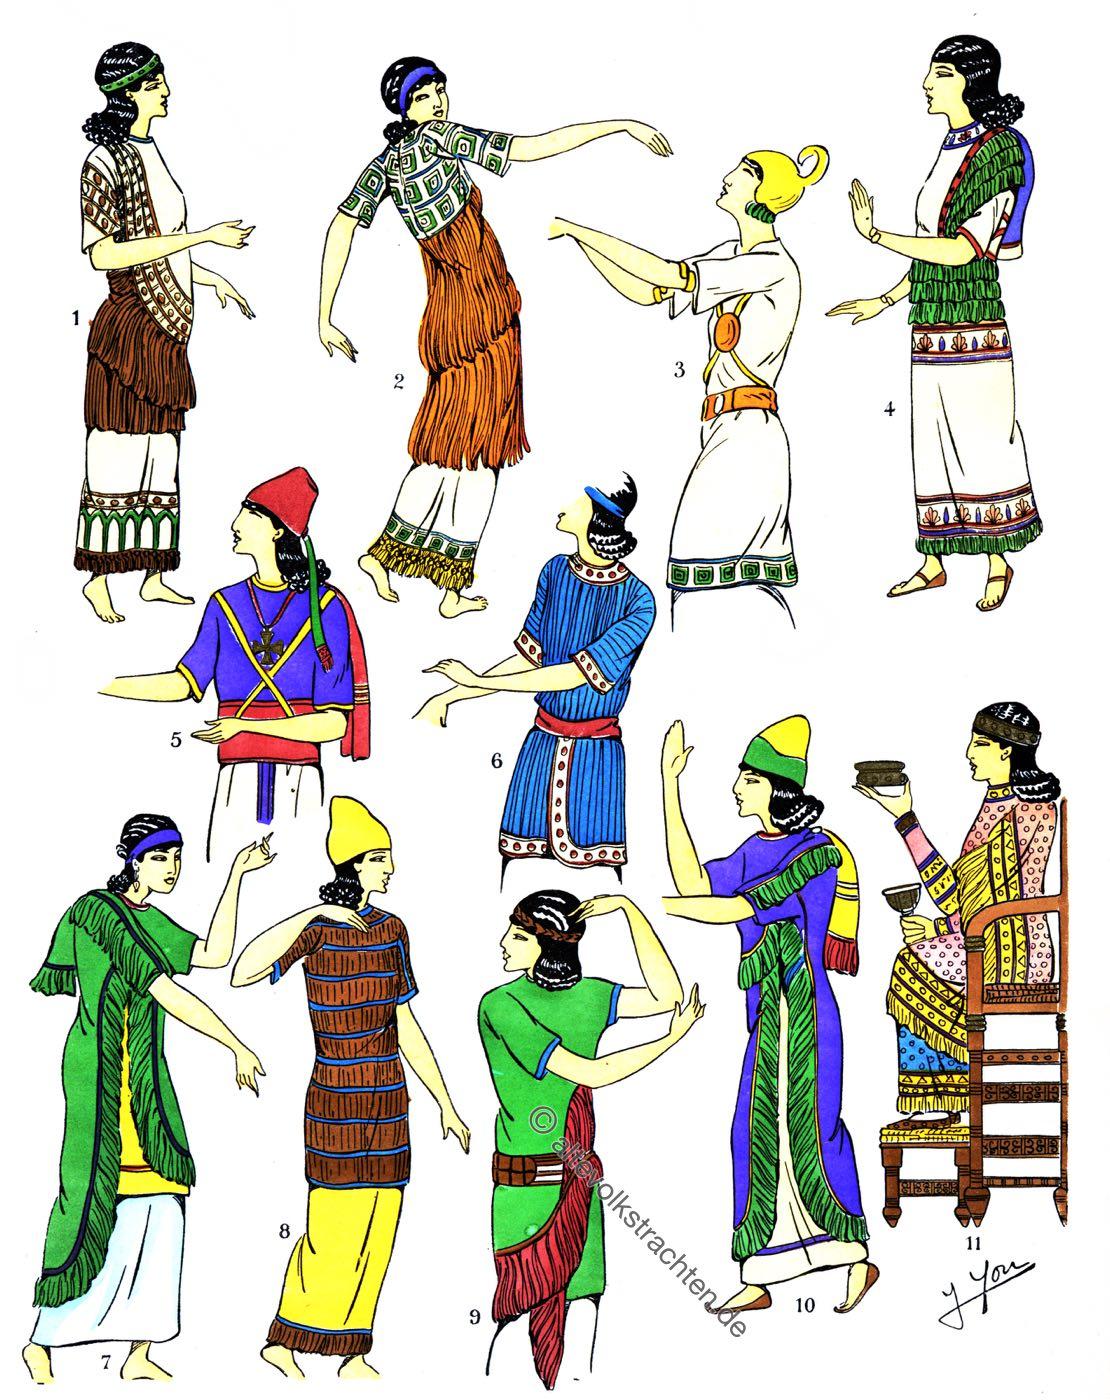 Assyrien, Mesopotamien, Blusen, Garnituren, Kleidung, Trachten, Antike,